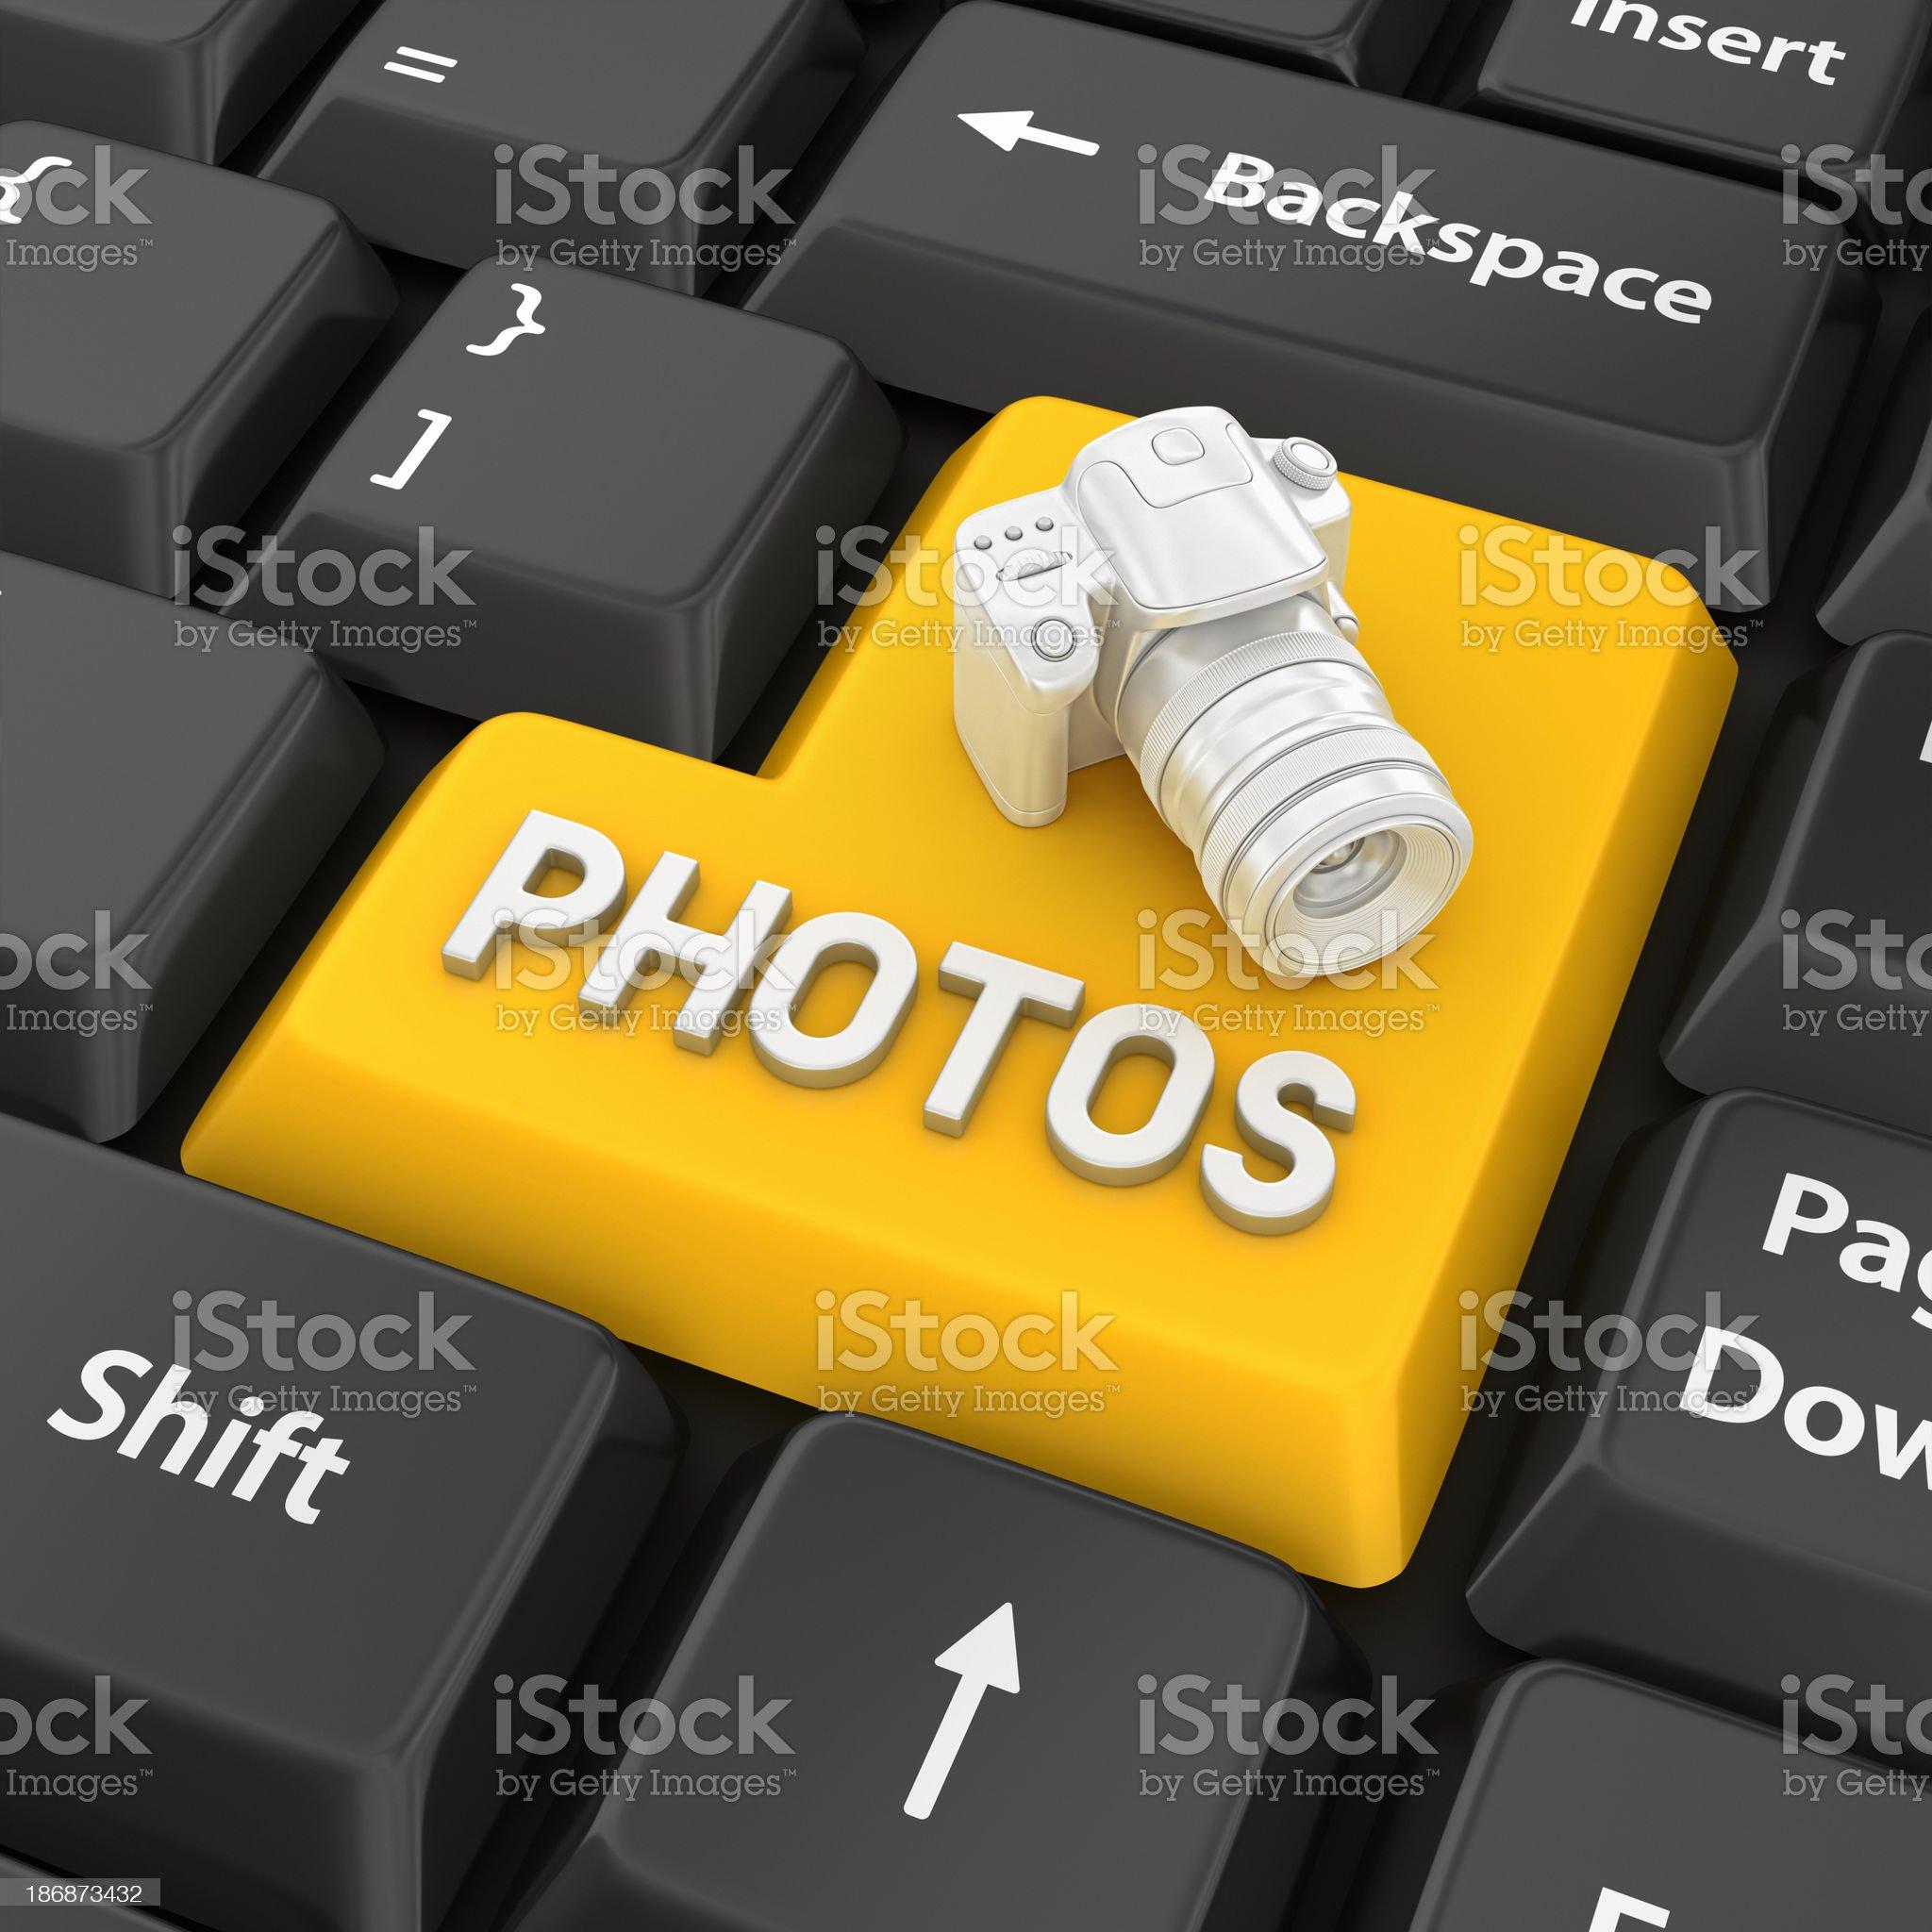 photos enter key royalty-free stock photo